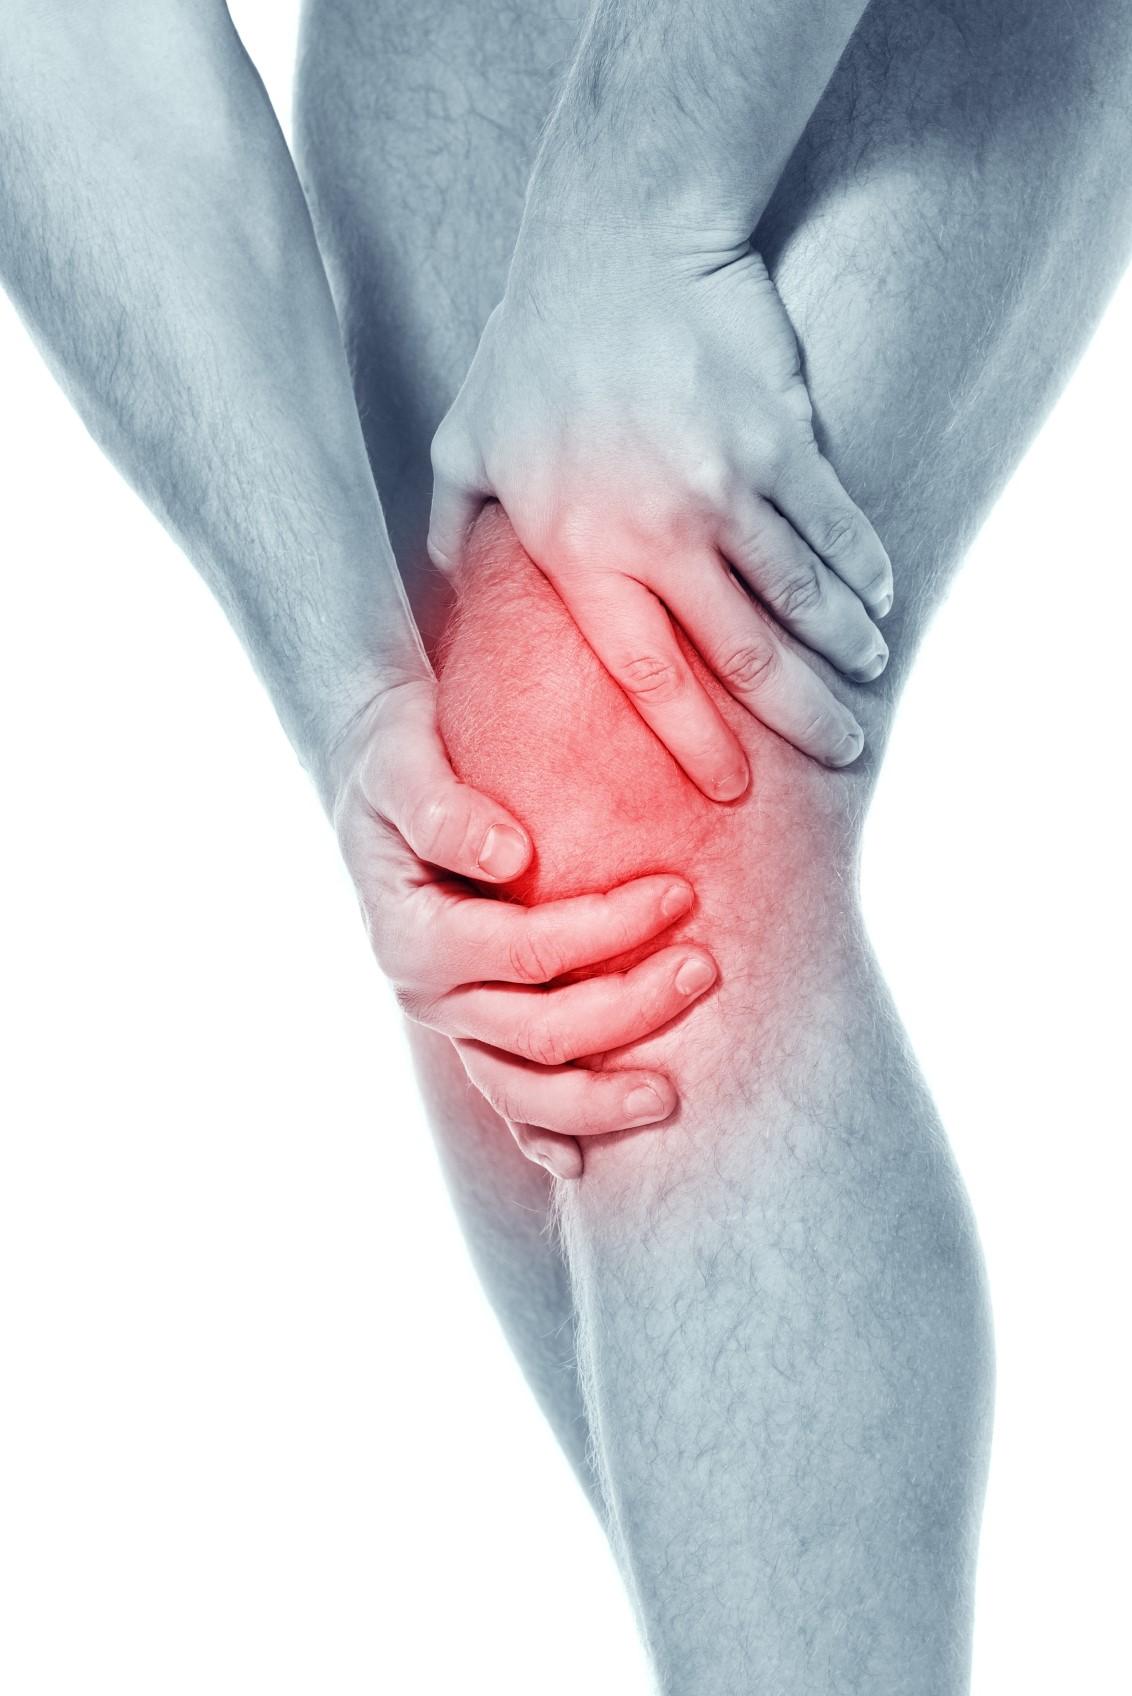 Randmeliigese valus Haigus sormeotste liigestele